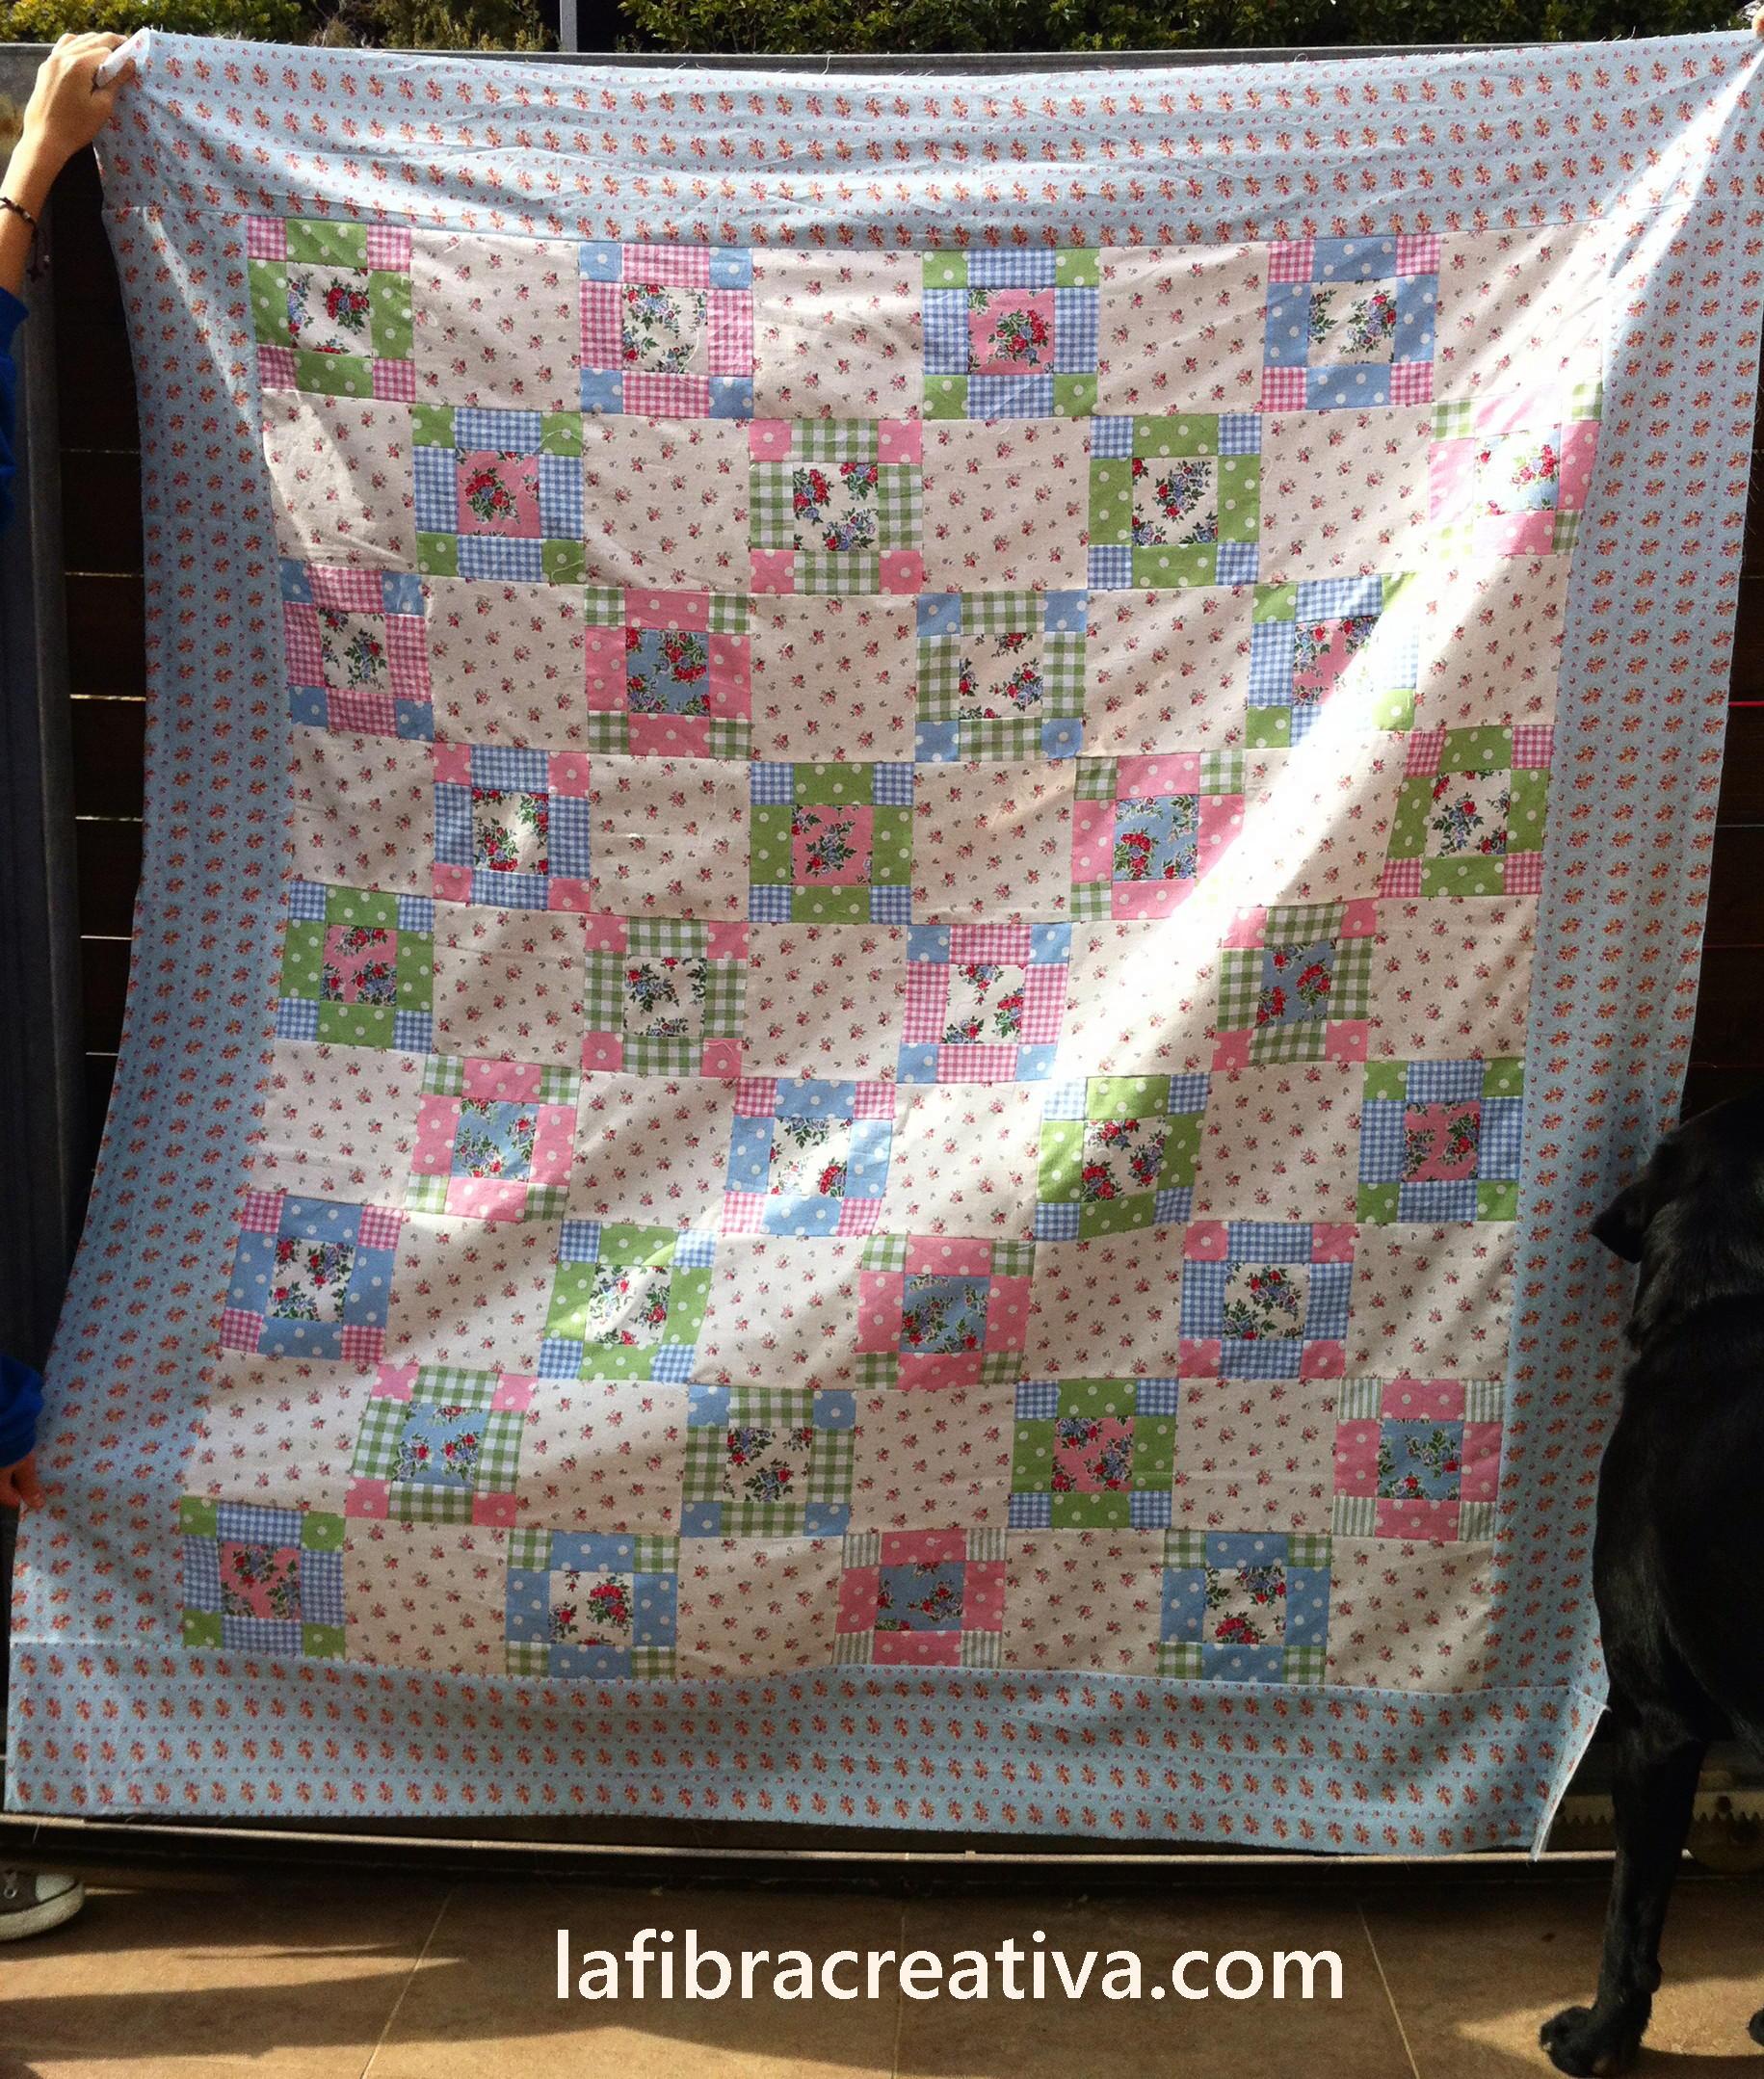 top del quilt de patchwork 9-patch